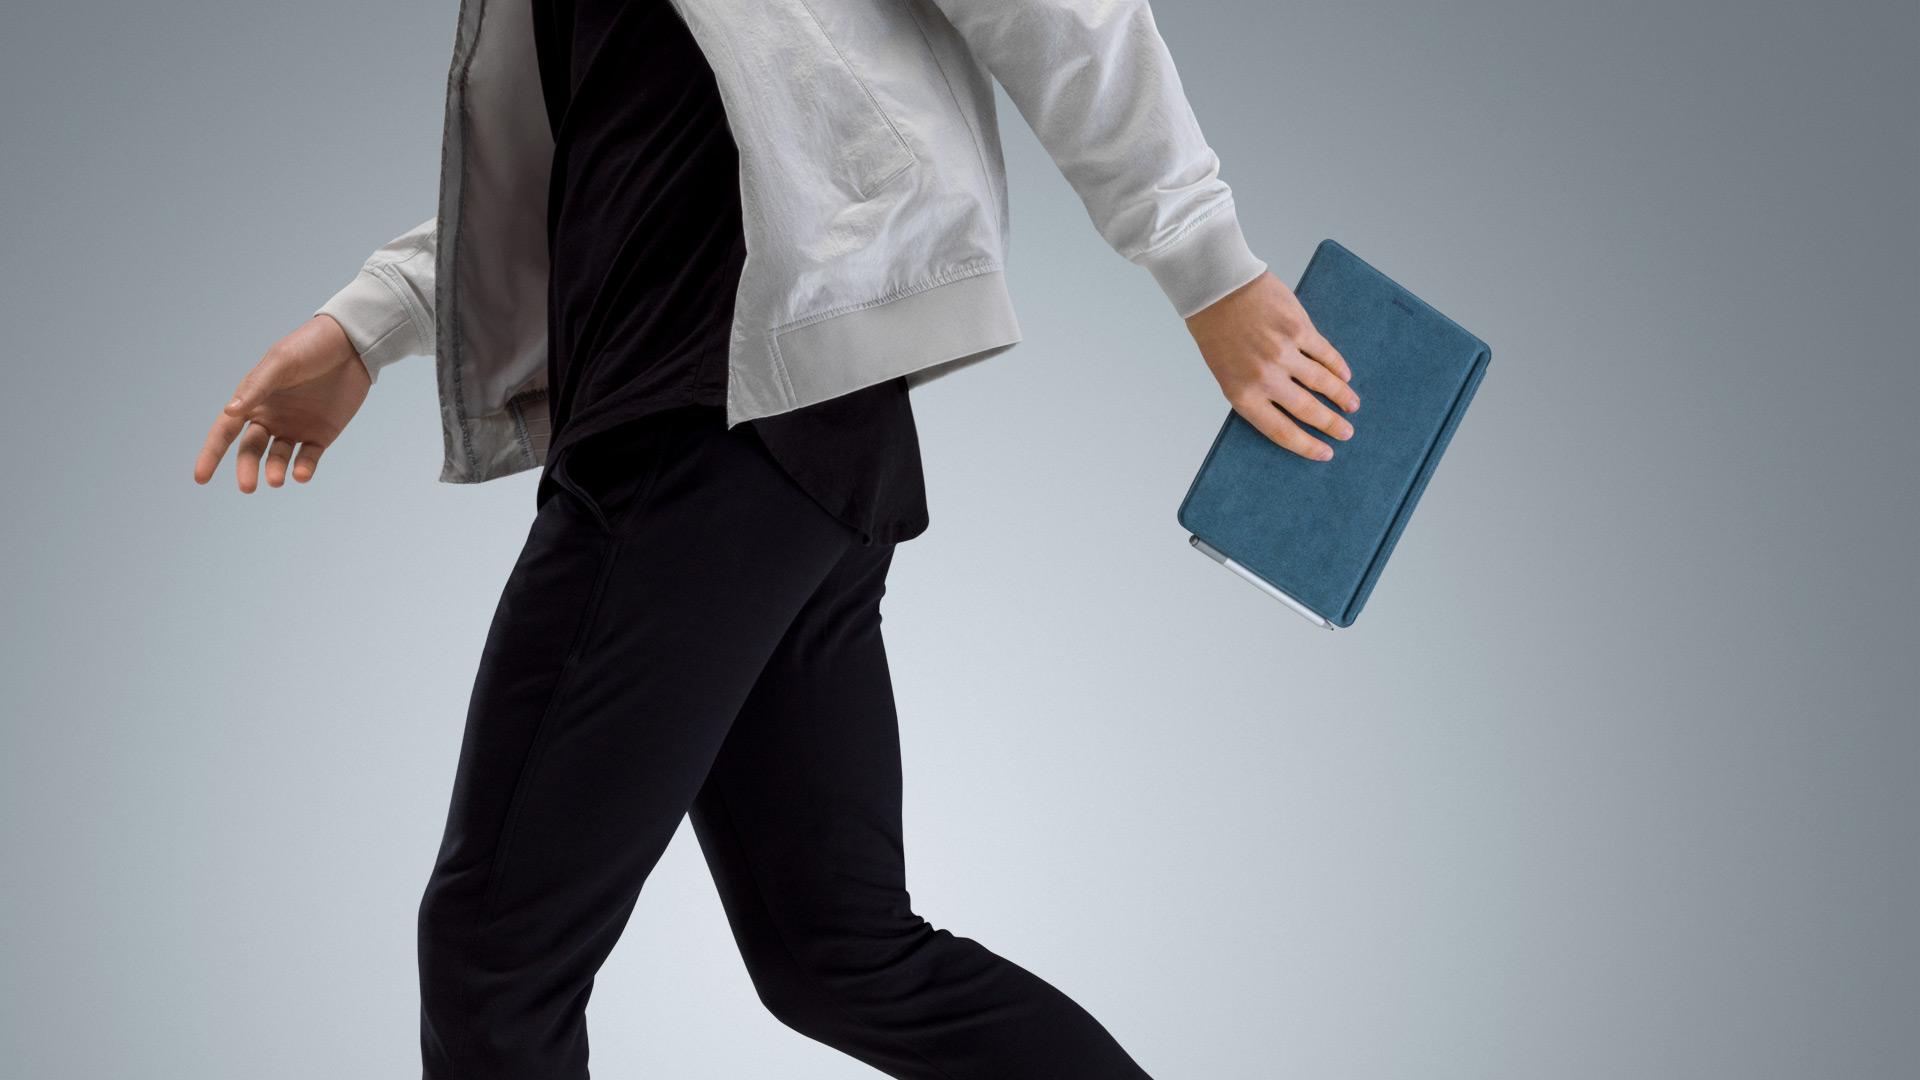 男人帶著 Surface Go 與藍色 Surface Go Signature Type Cover 走路